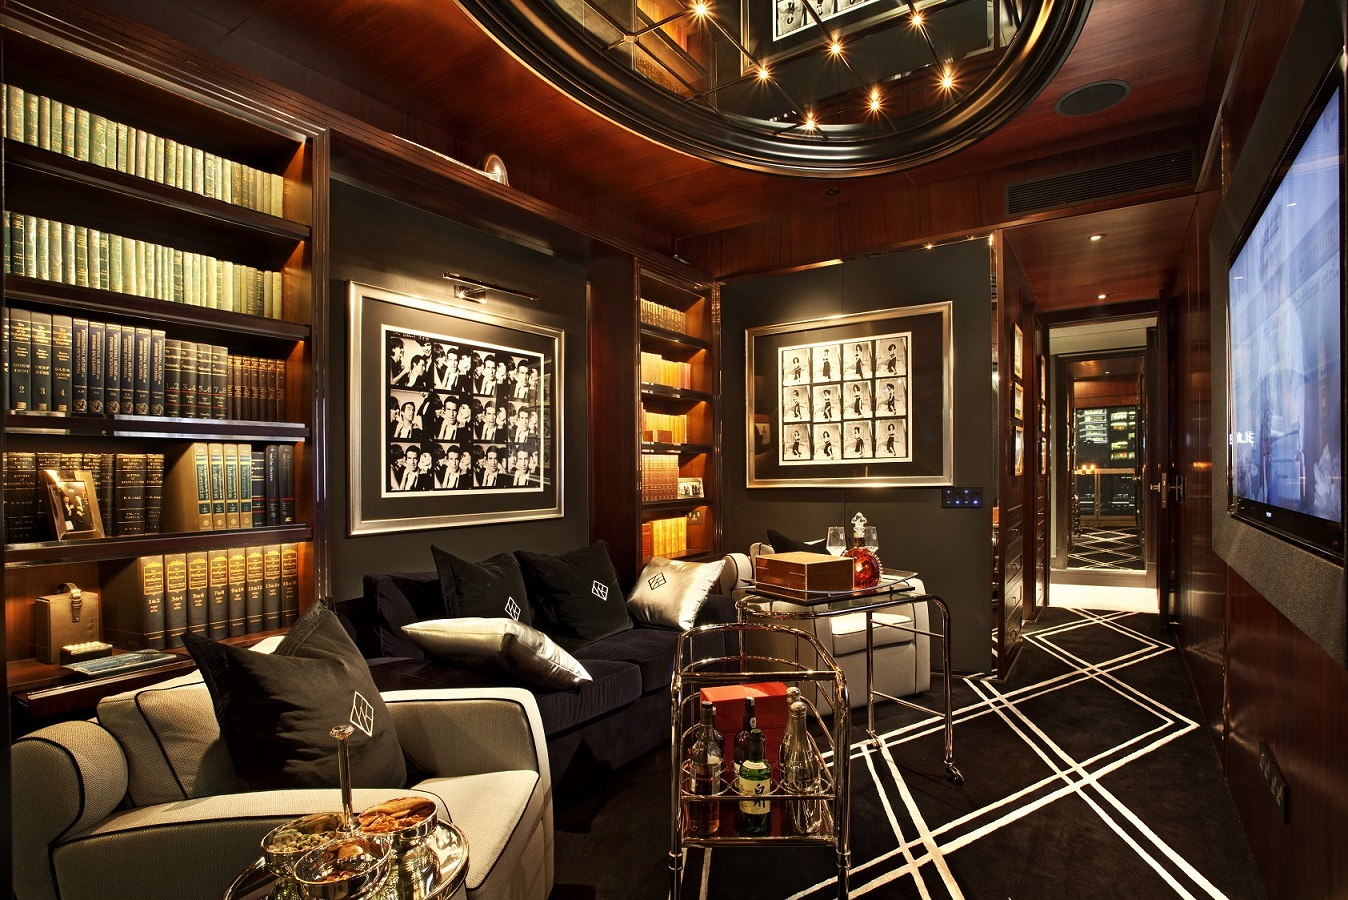 媒体室的设计就像一个私人男孩俱乐部,是喝威士忌和抽雪茄的理想之地。晚上,沙发床可以拉出来,这样它就变成了一间客房(图片来源: Kri:eit Associates)